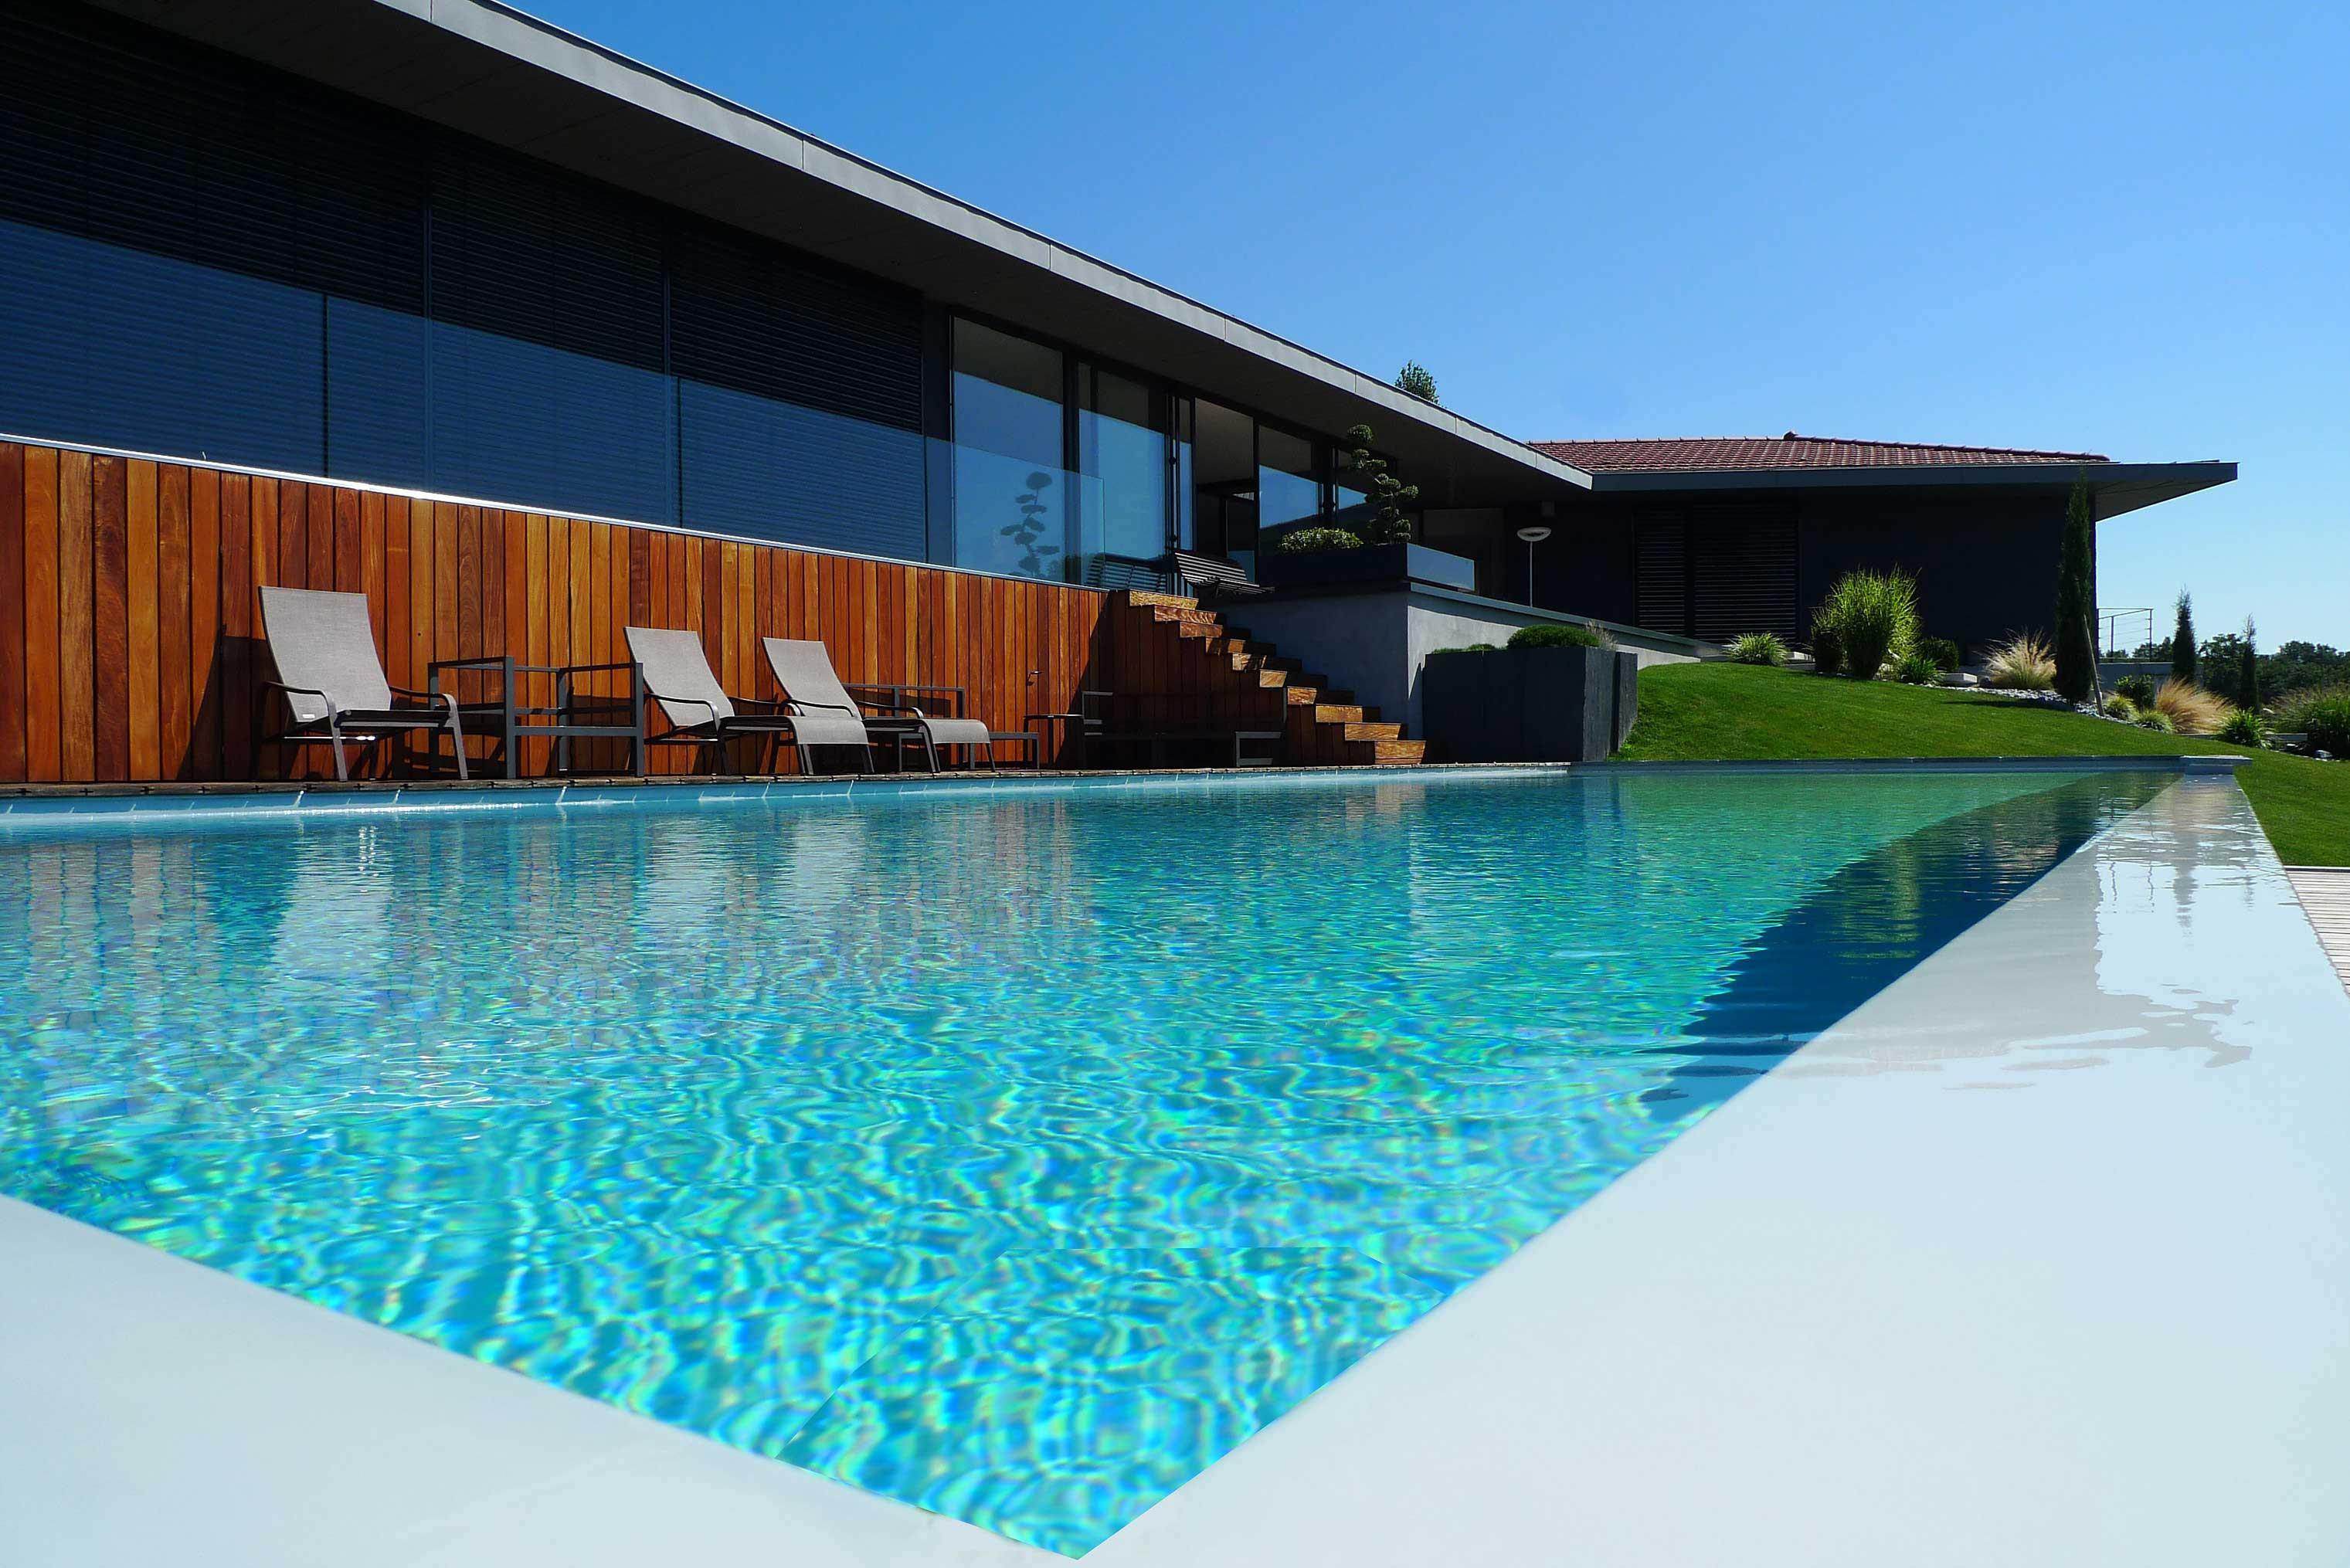 rbconcept-villa-p-piscine-bassin-debordement